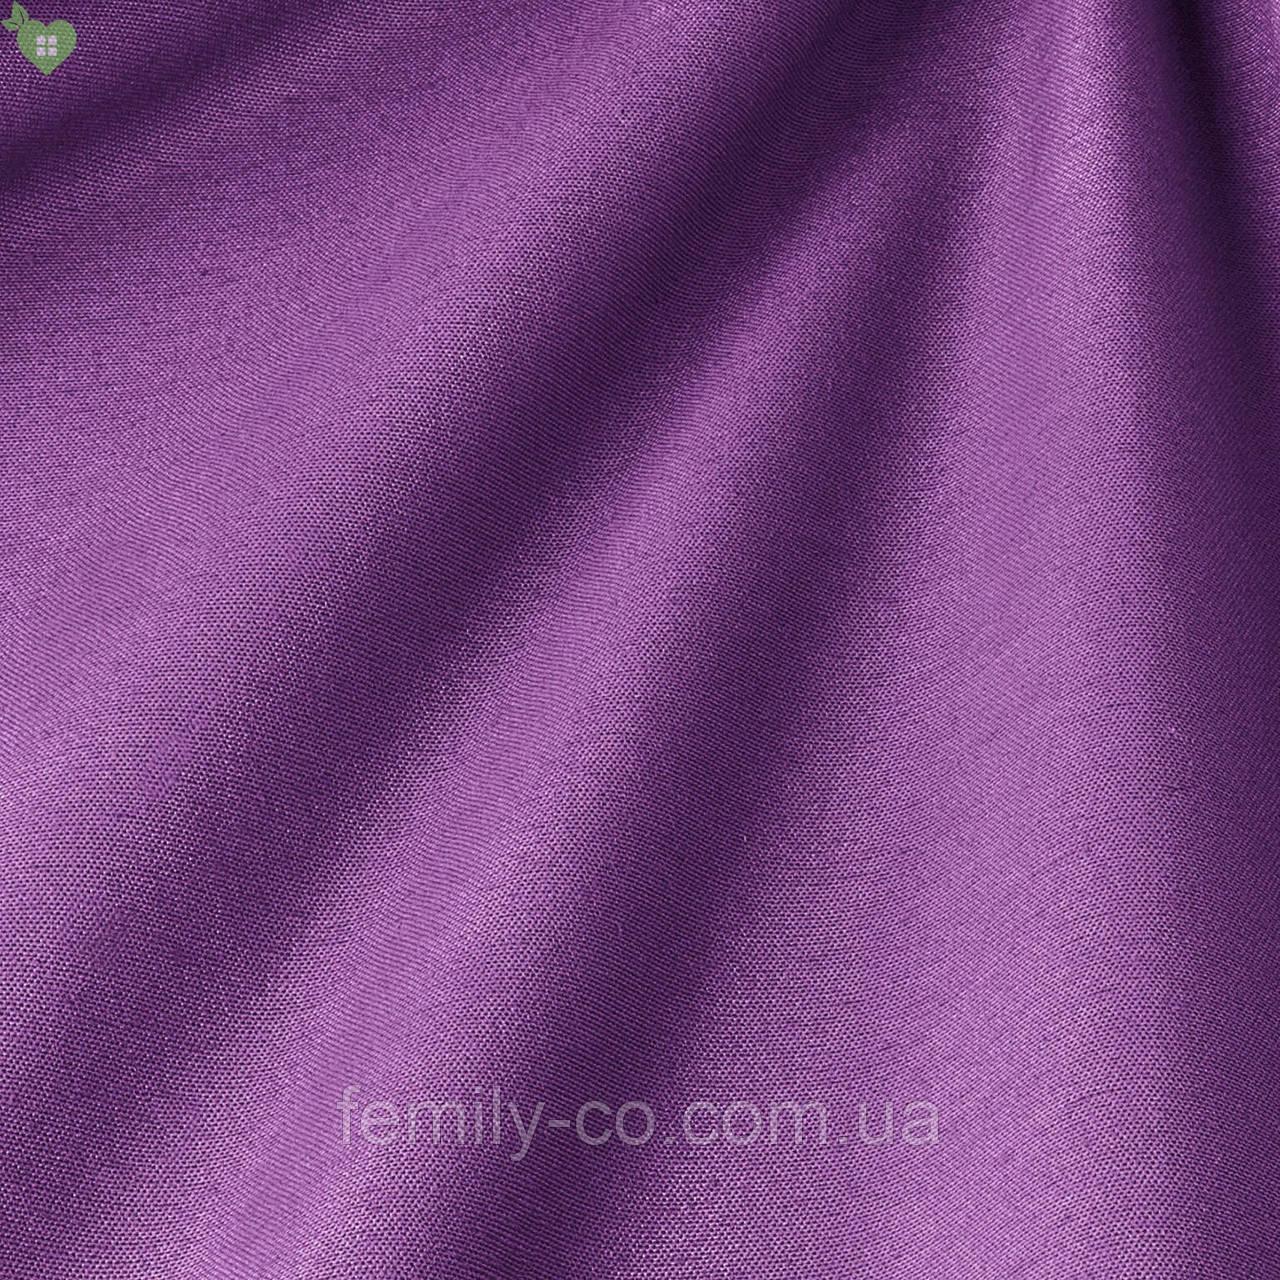 Однотонная декоративная ткань лилового цвета Испания 82708v51